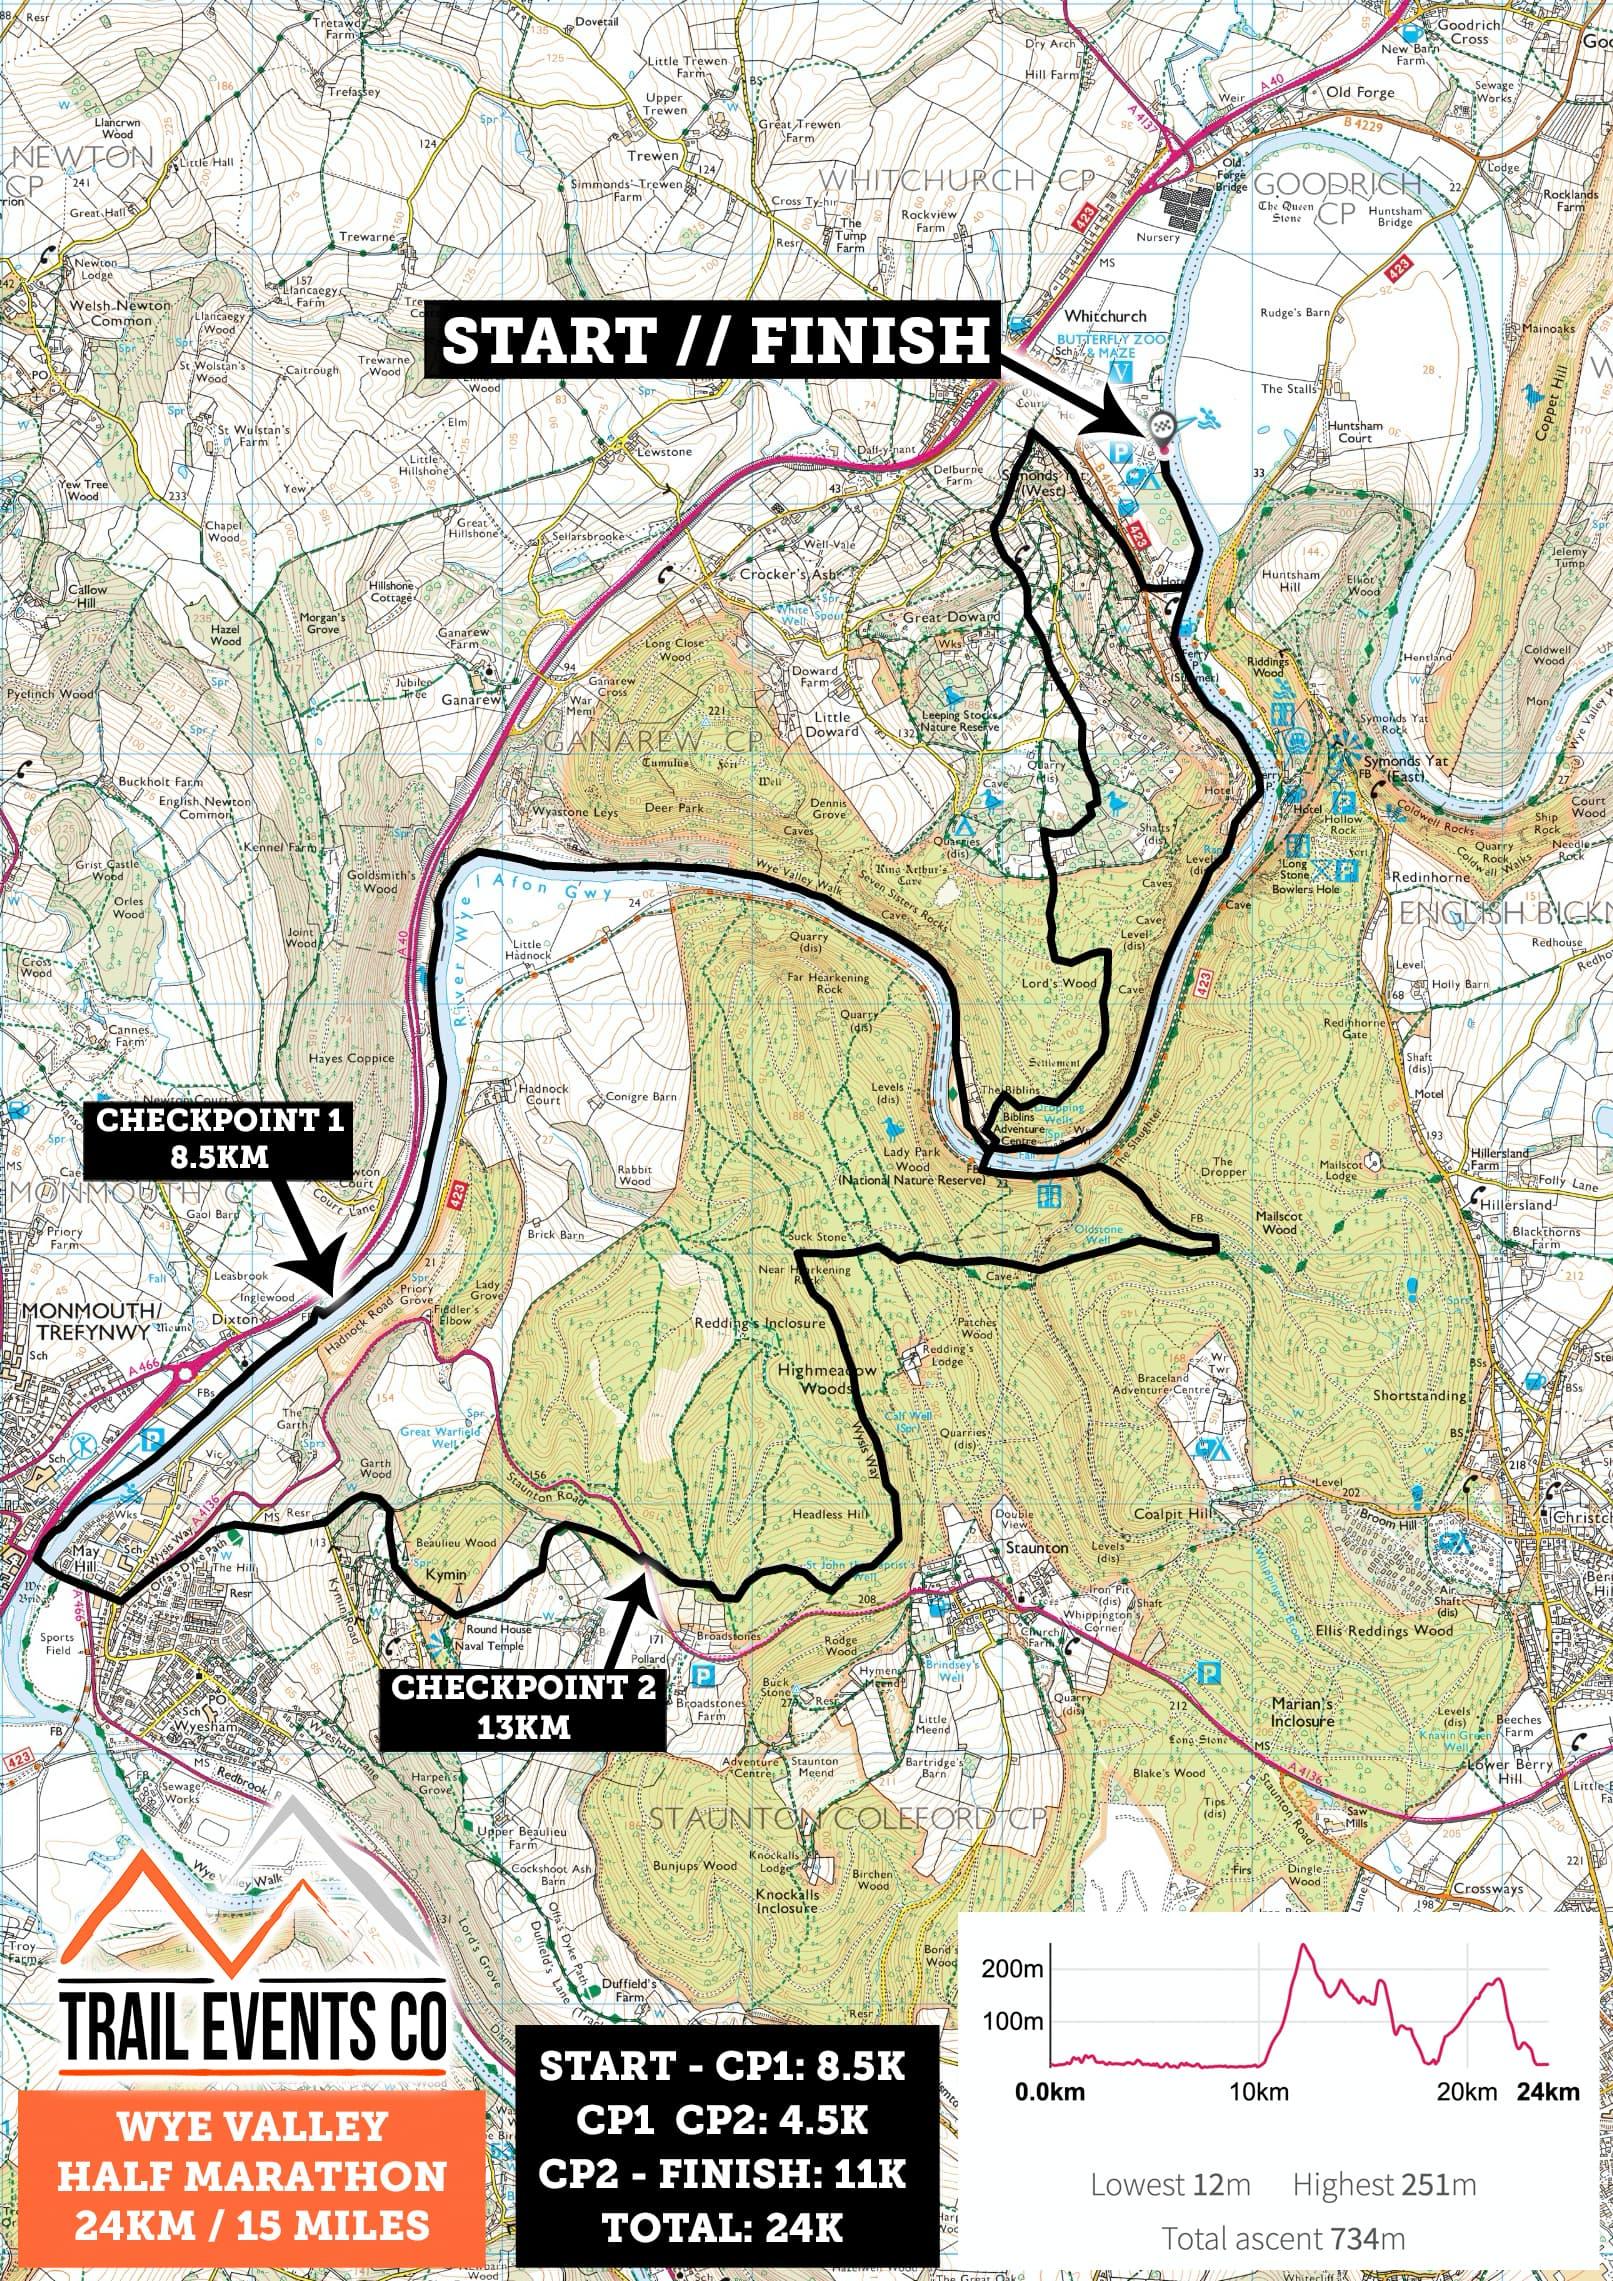 Wye Valley Half Marathon